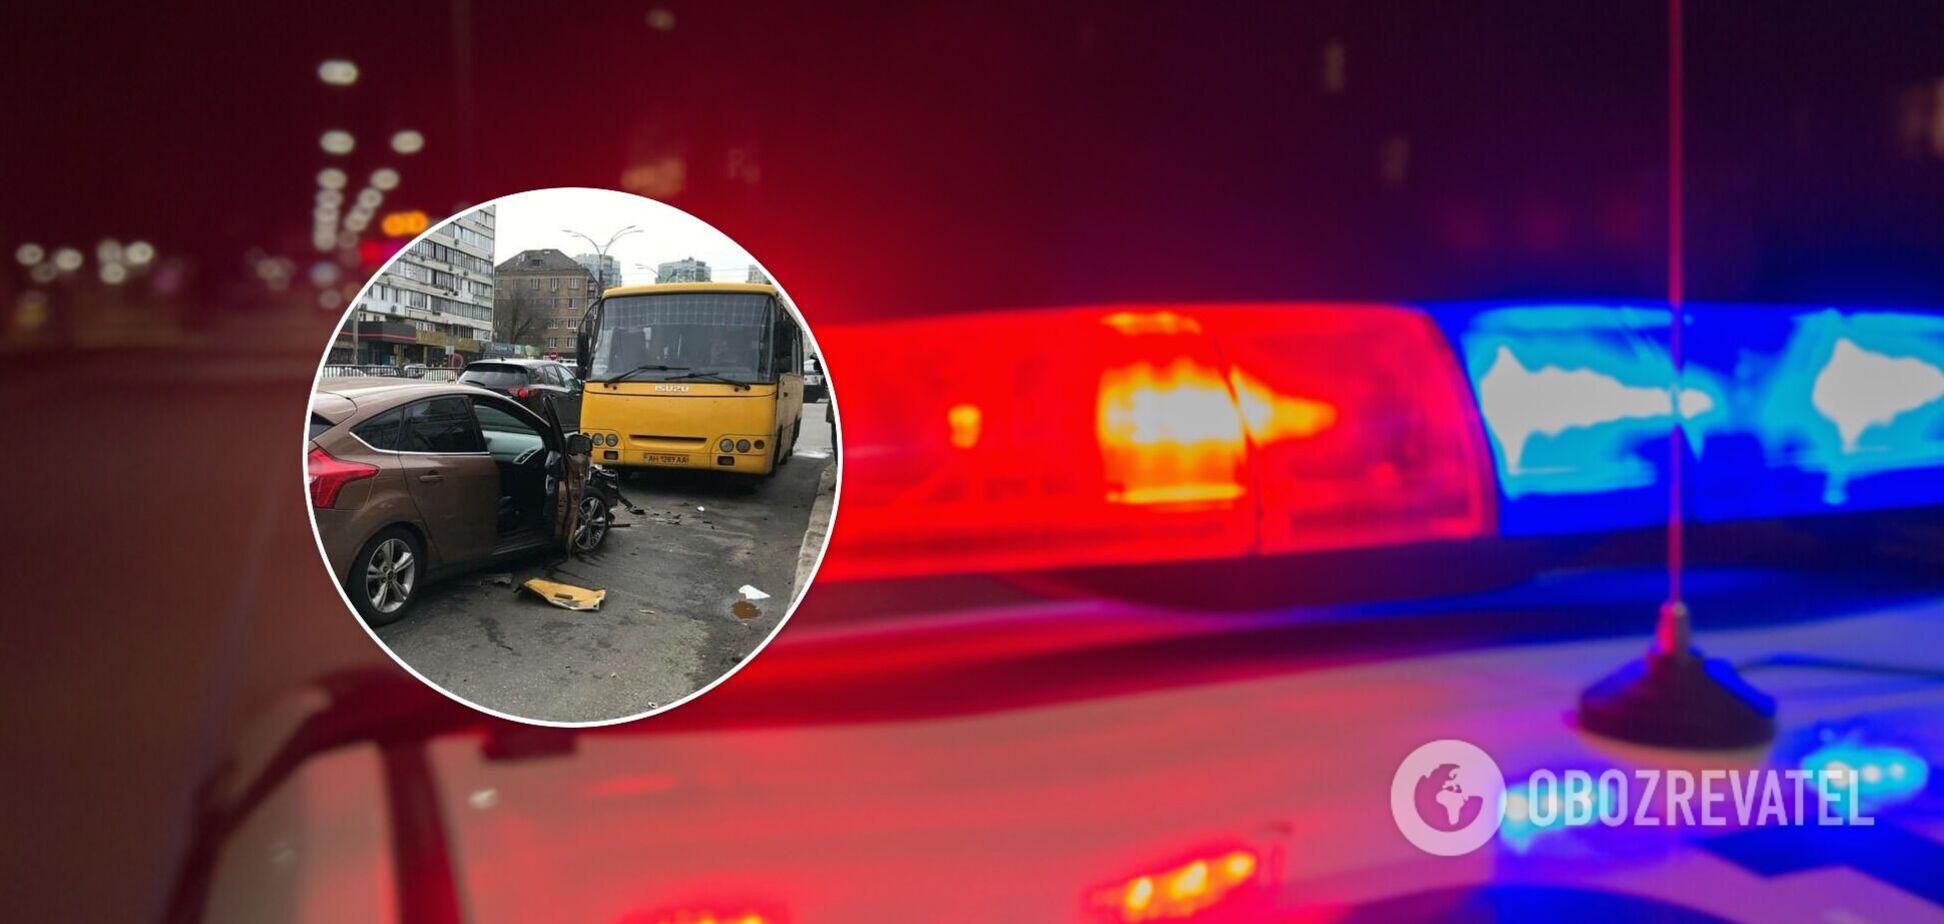 Водитель одного из авто возможно был пьян